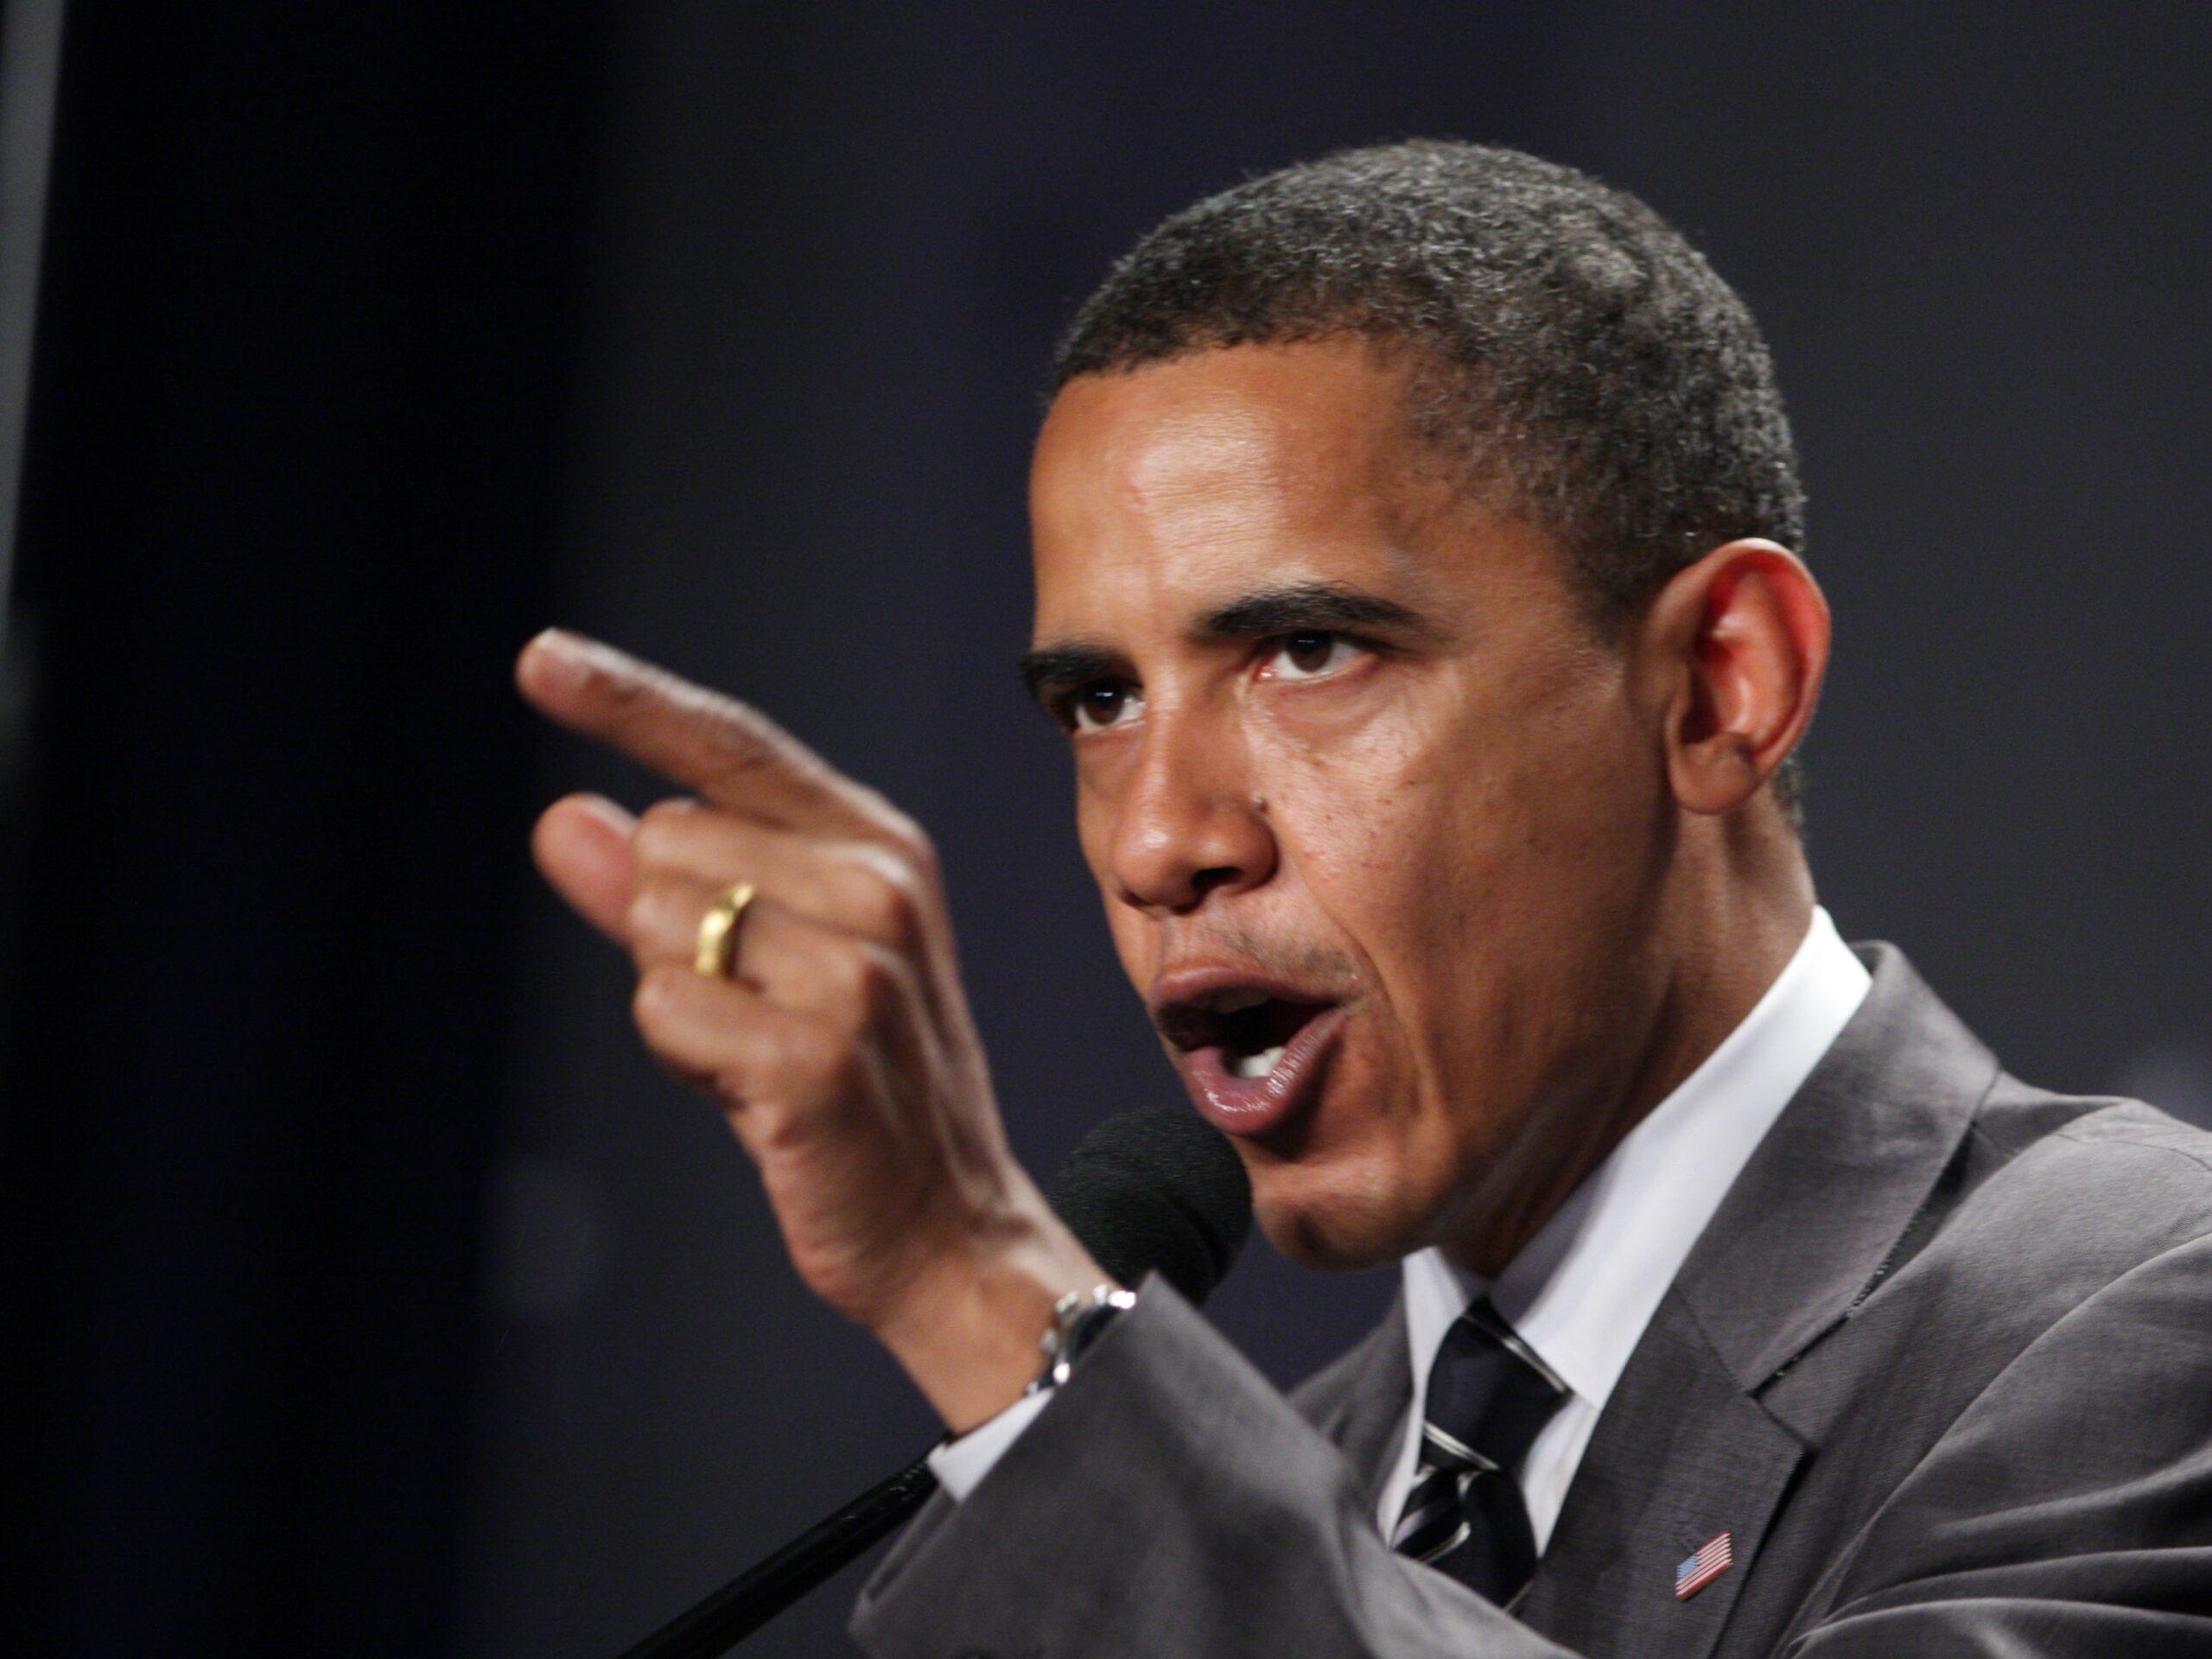 La strategia di Obama sulla cybersecurity